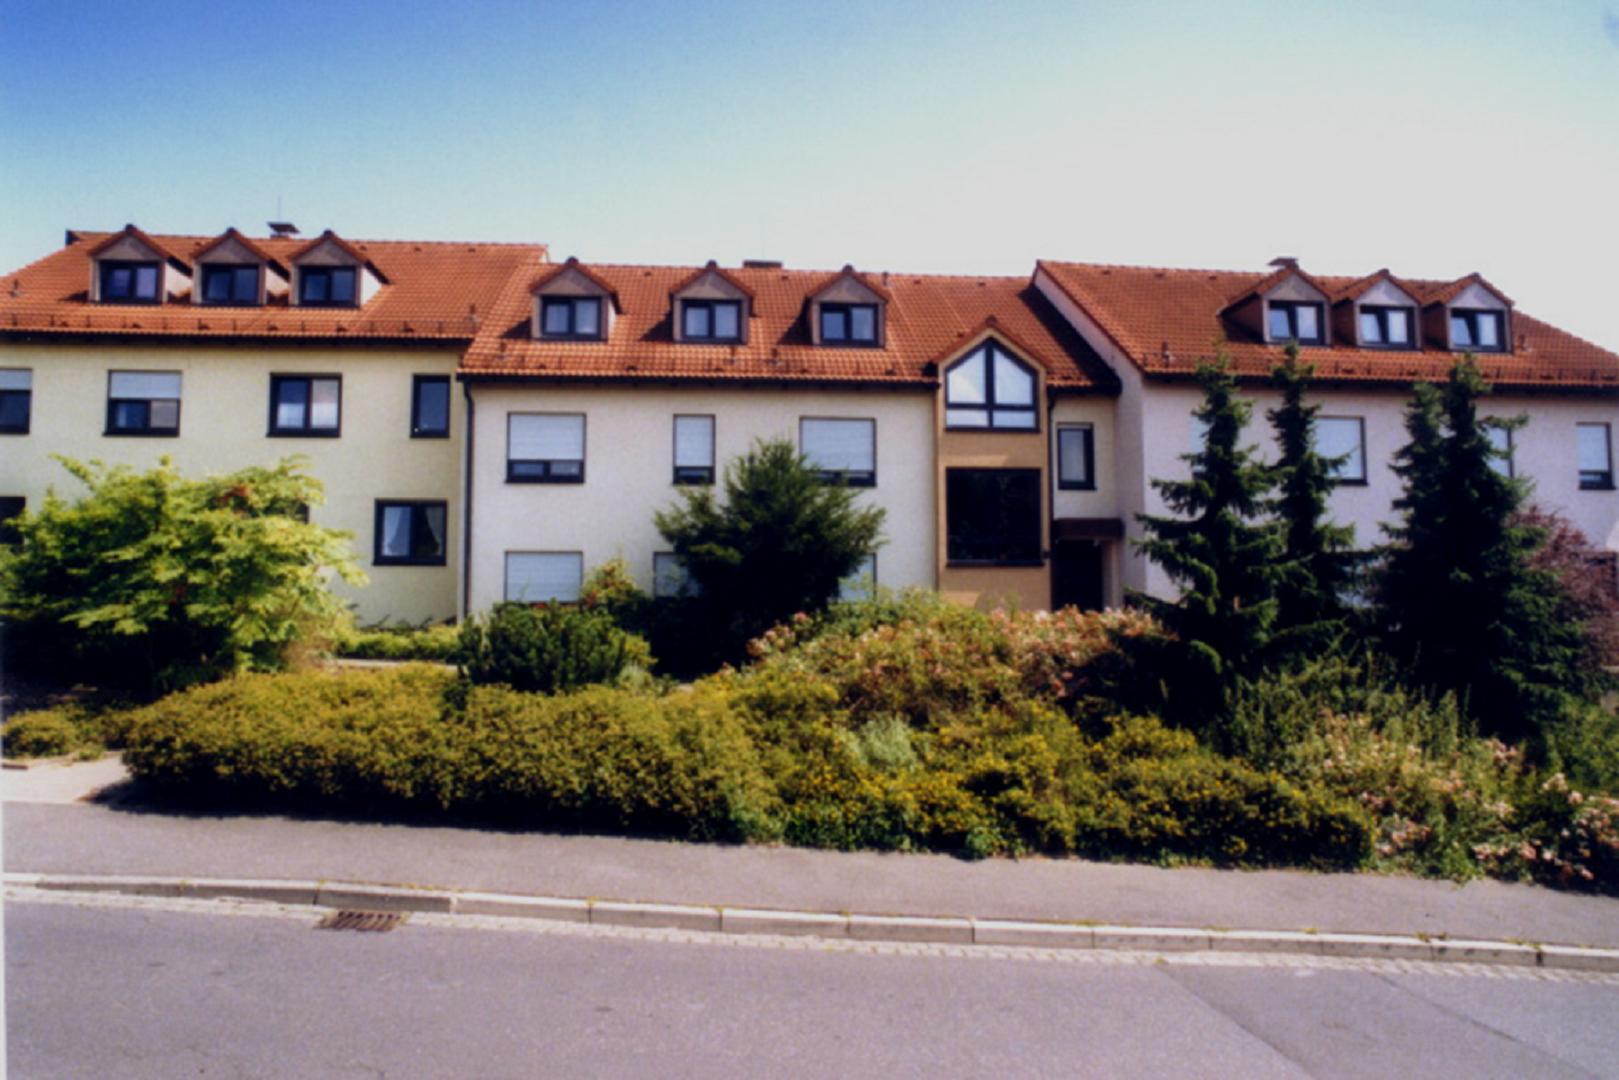 LHWS – Gemeinschaftliches Wohnen, Lindestraße